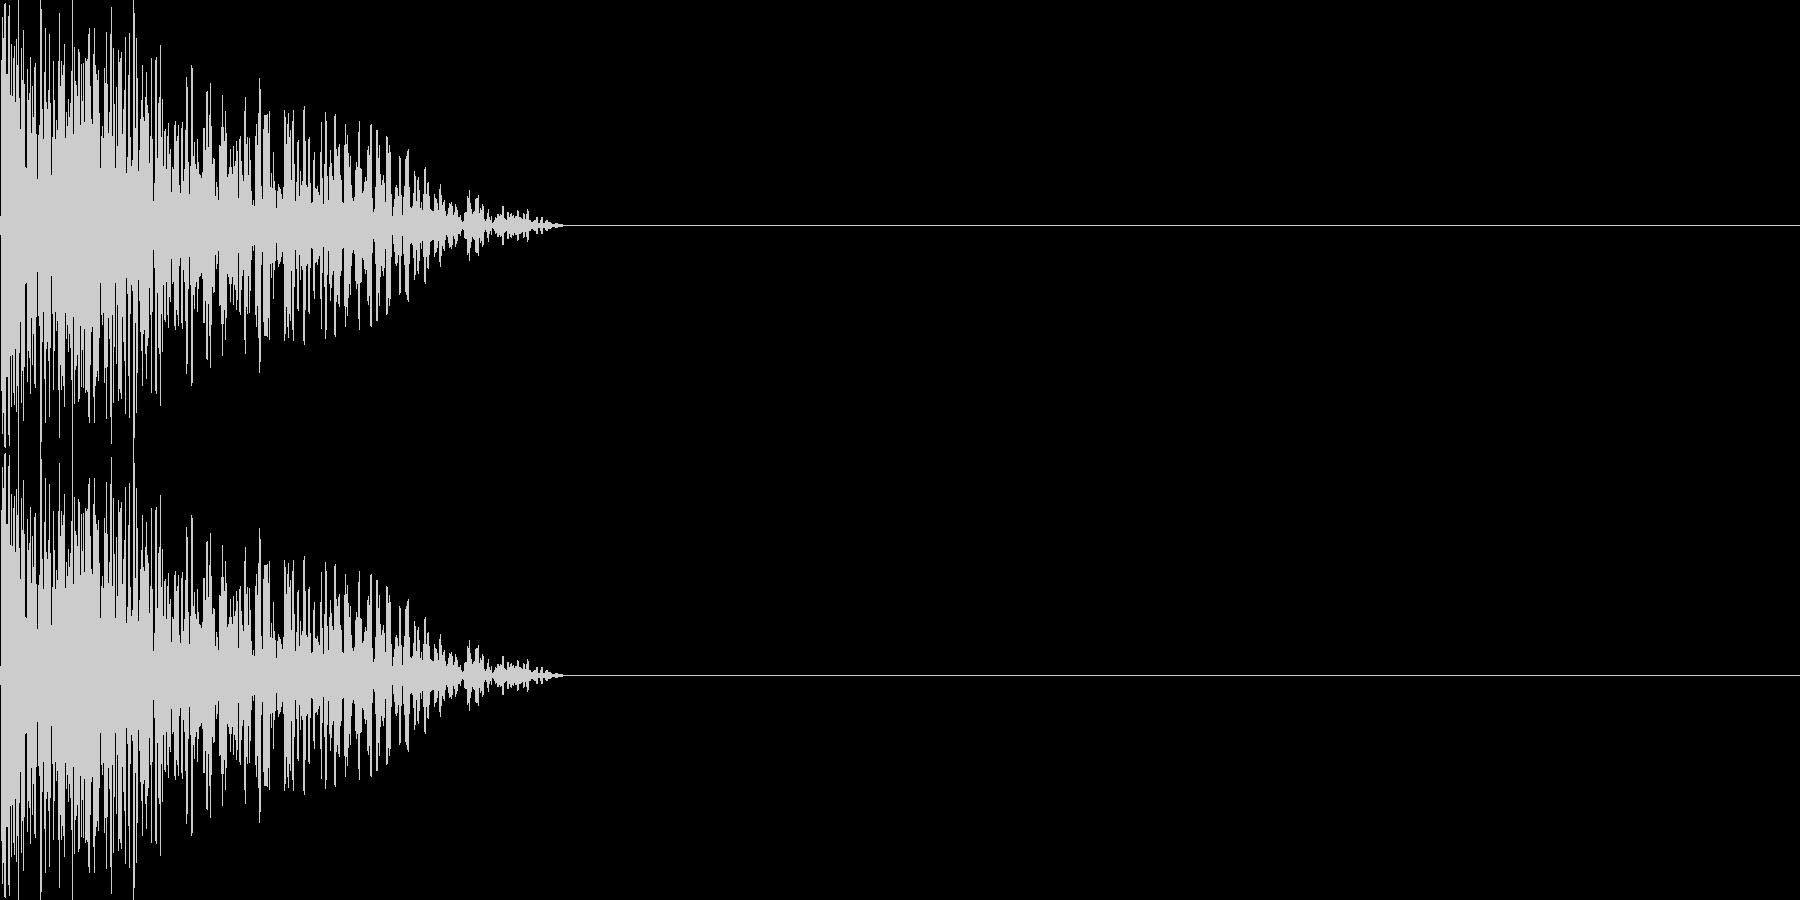 攻撃音07(重規模の銃)の未再生の波形